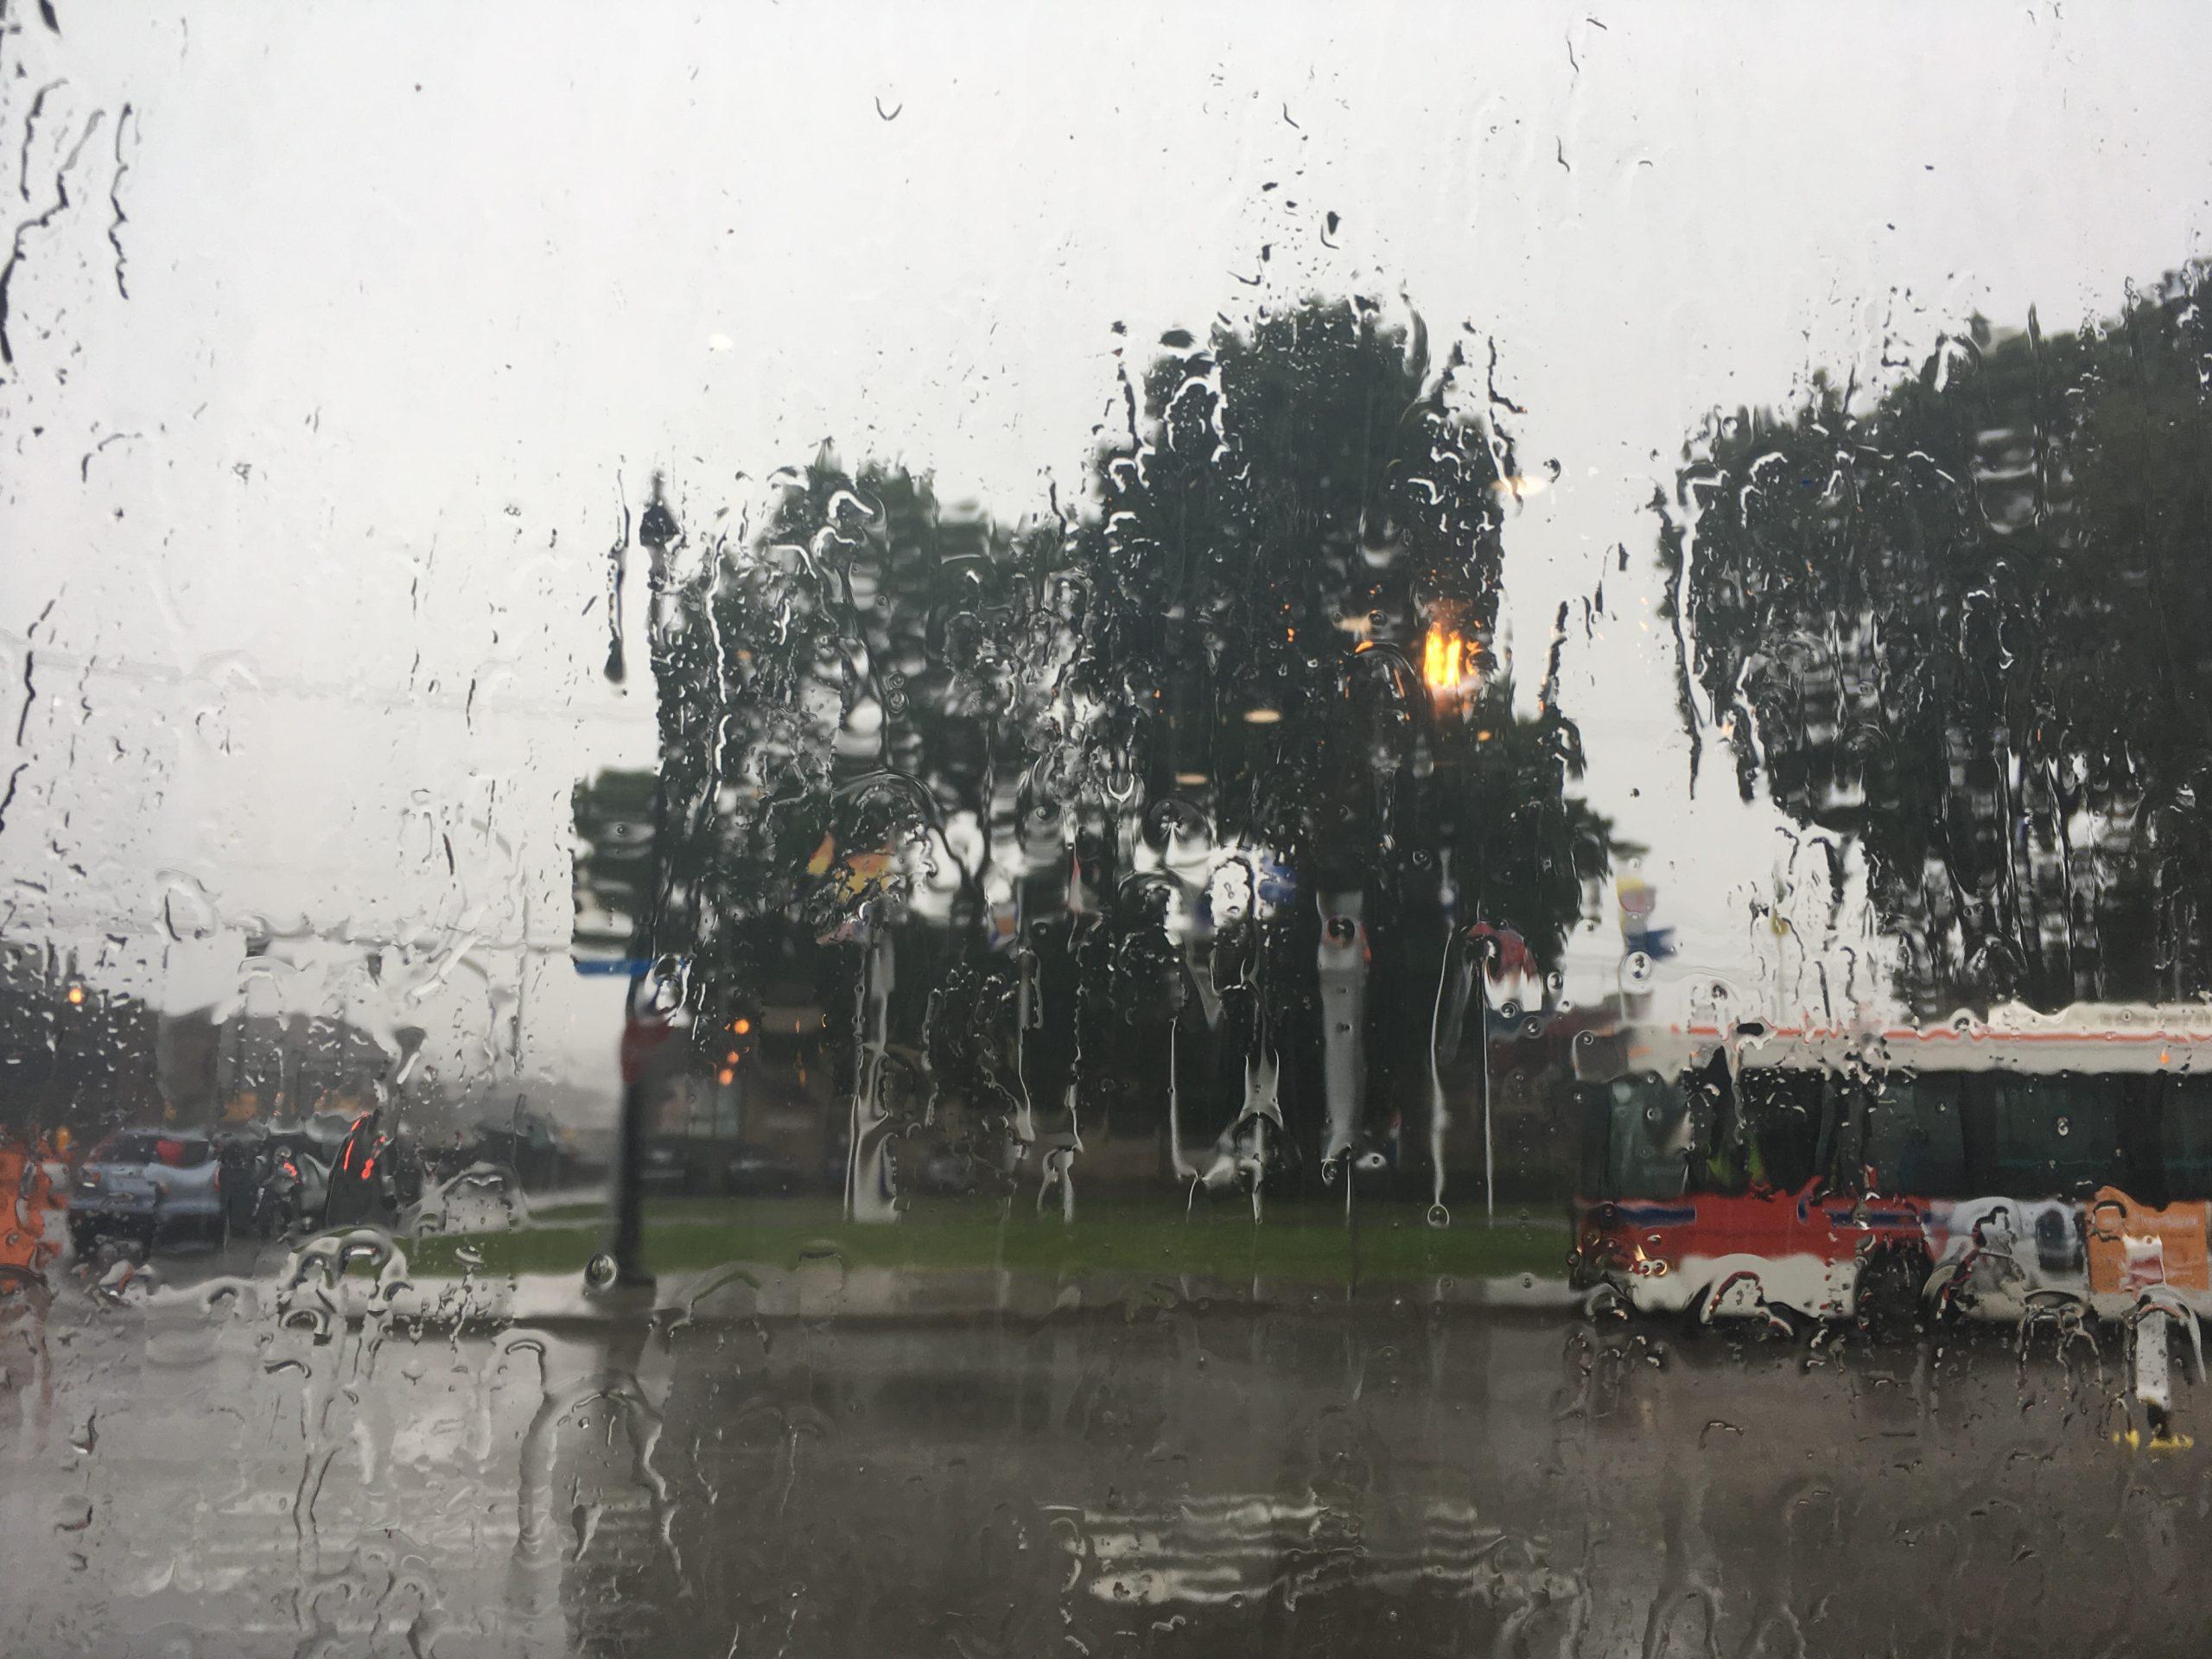 Rainy Road Updates